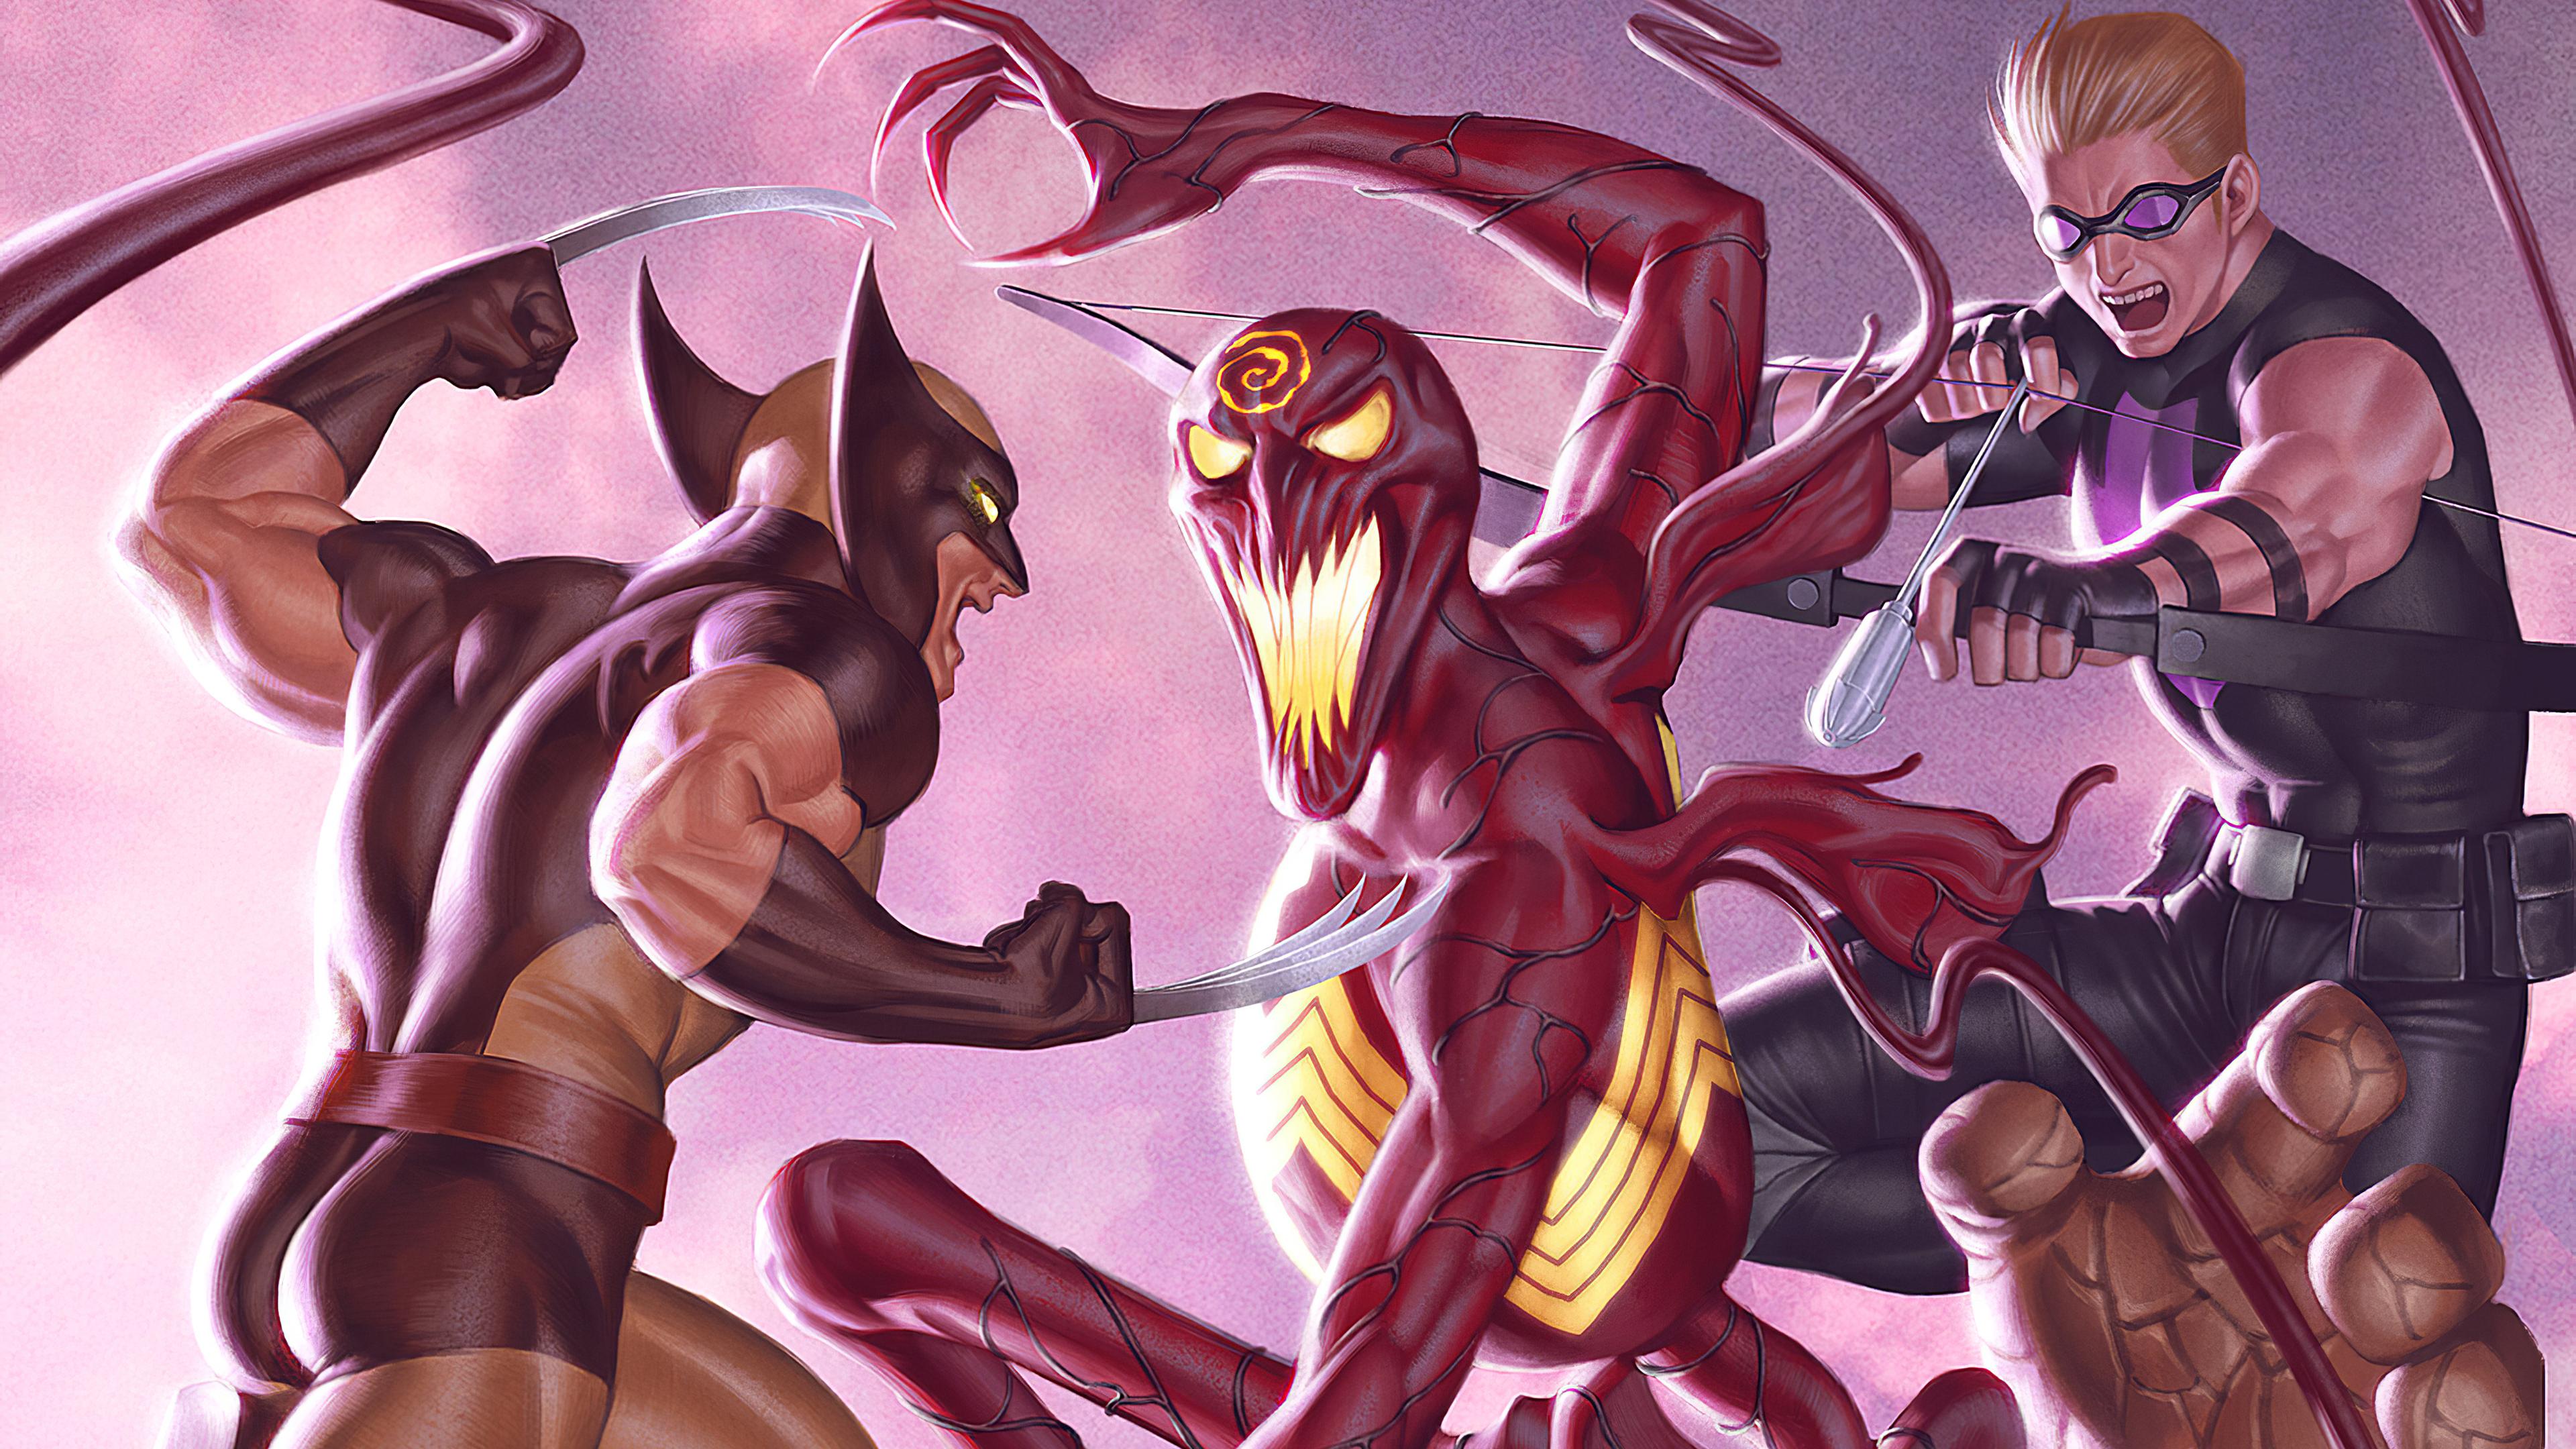 Fondos de pantalla Wolverine contra Carnage